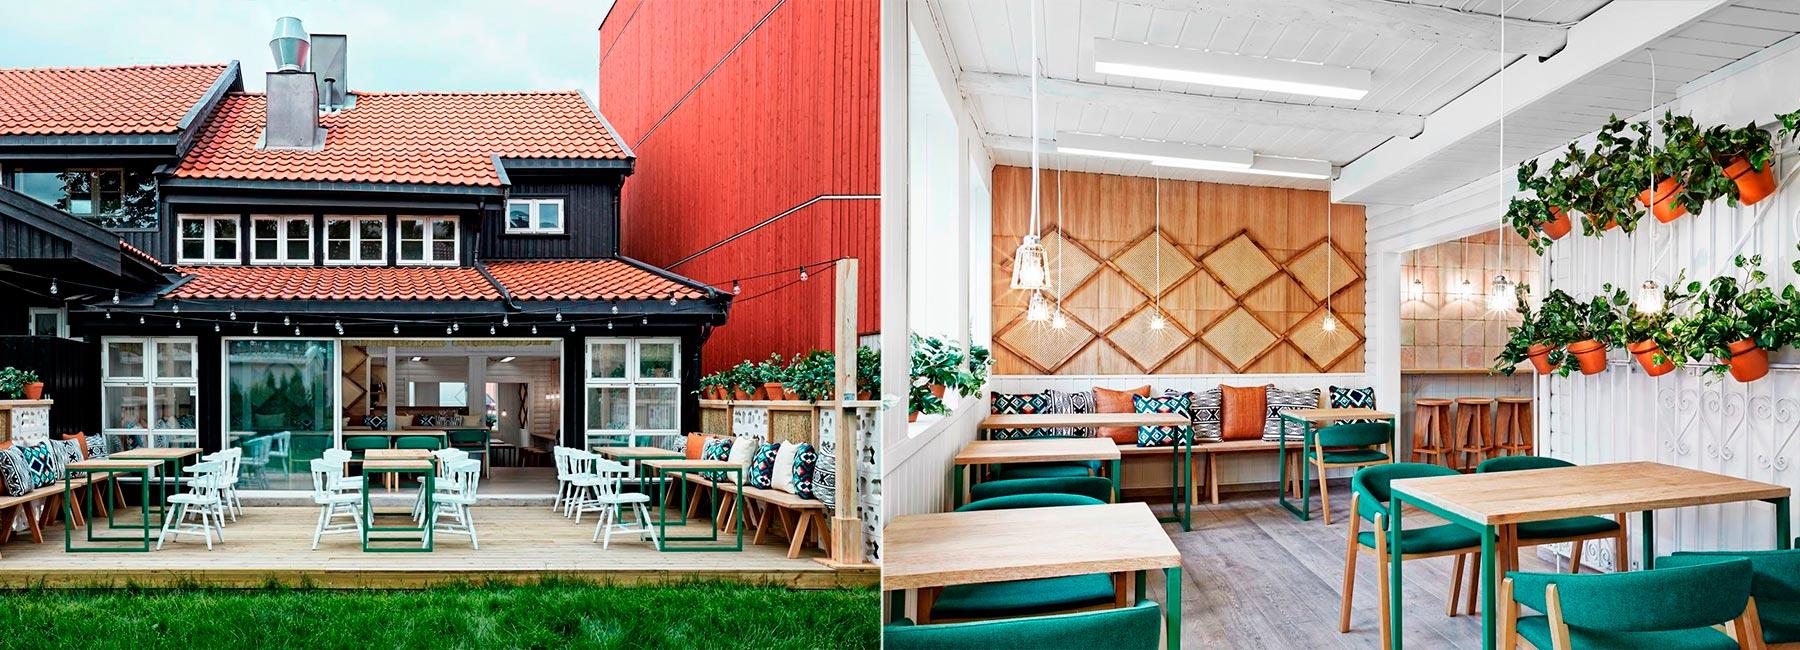 Частичка Испании в Осло. Дизайн интерьера экологического ресторана Vino Veritas